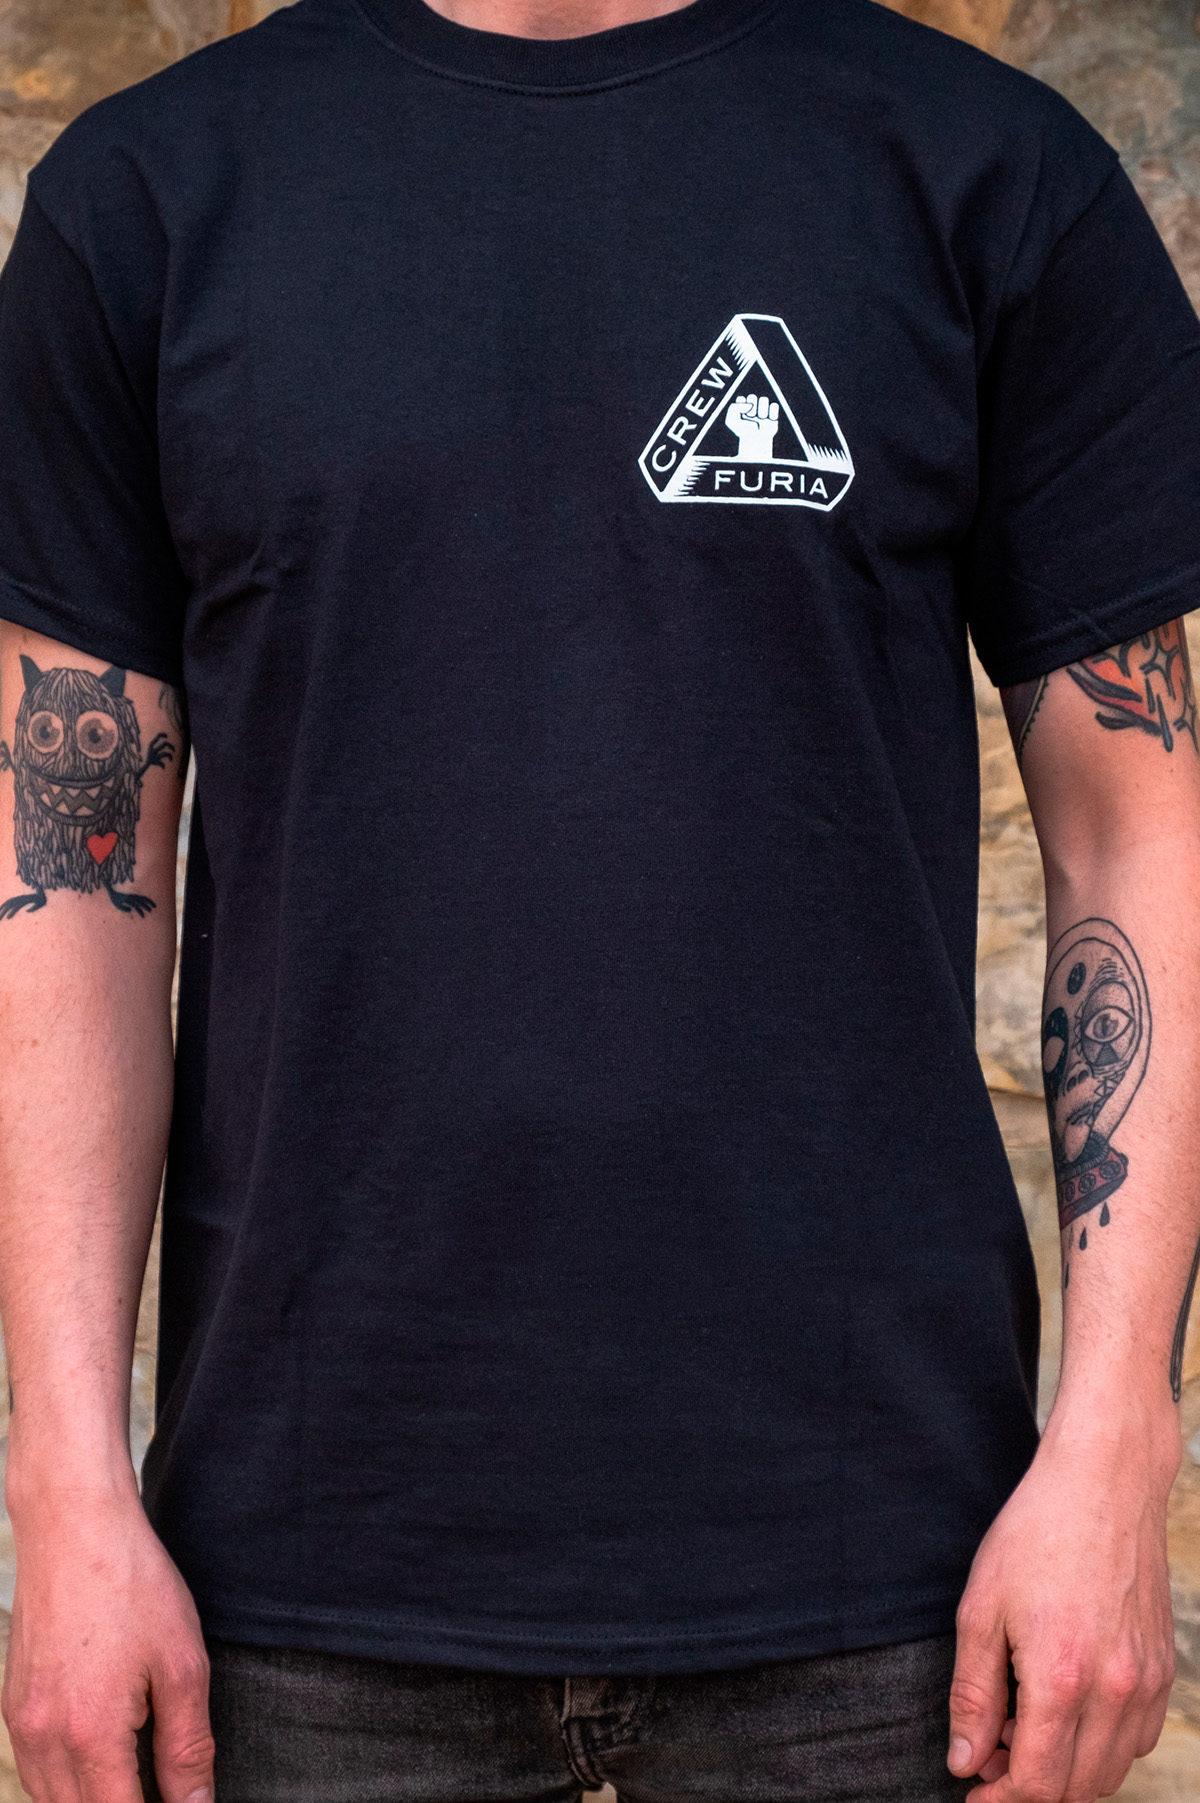 Camiseta Furia Crew